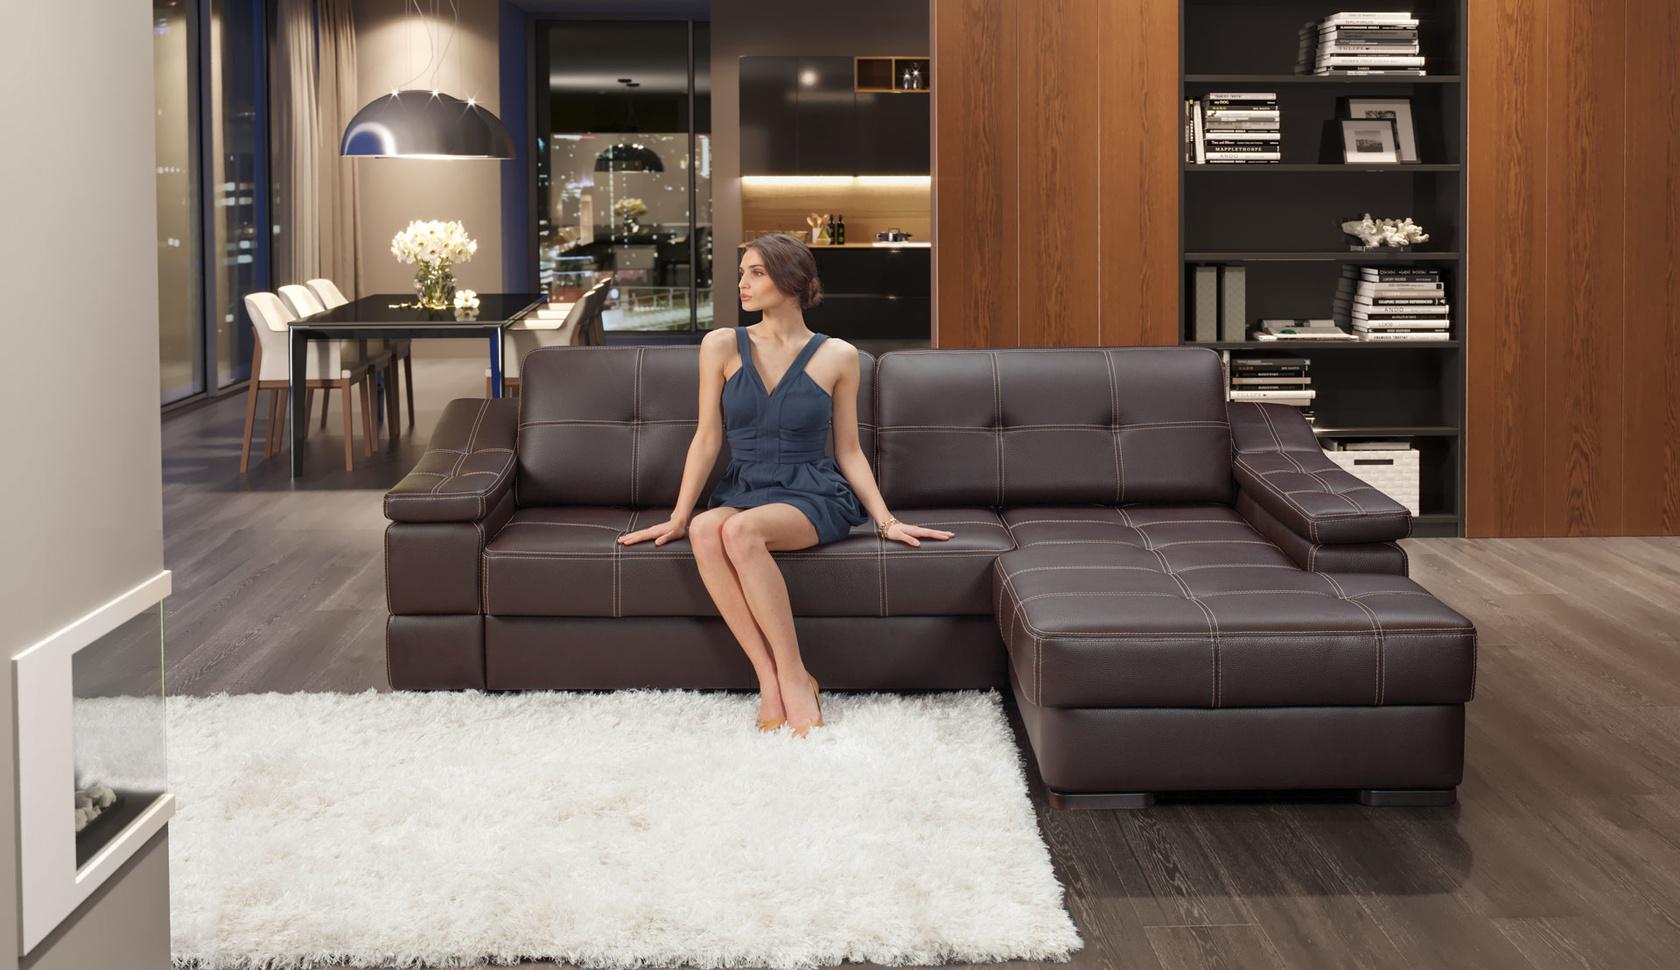 мебельная фабрика Sofmann г кирово чепецк компактный диван